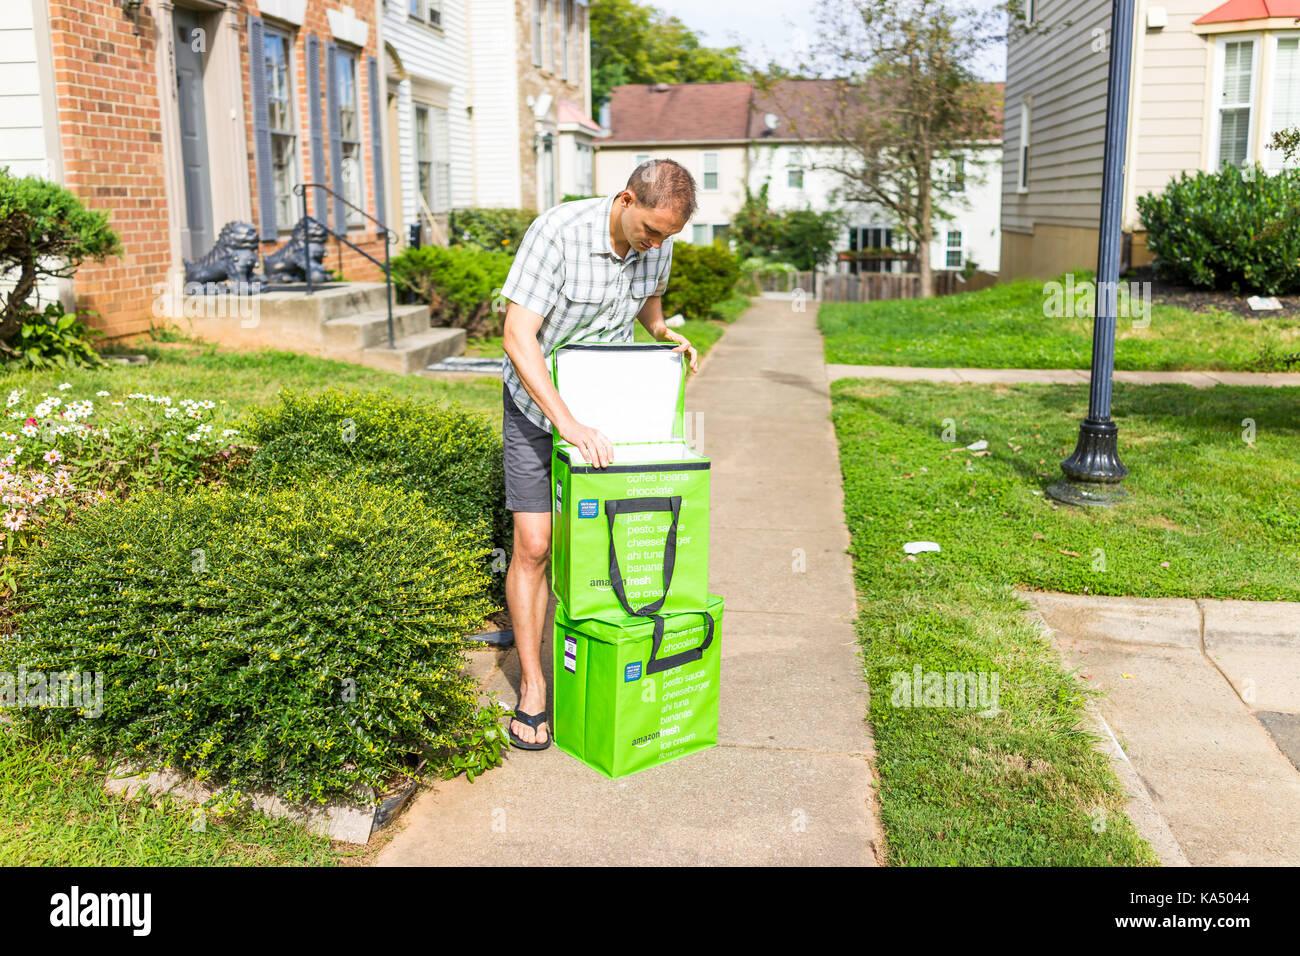 Fairfax, USA - Septiembre 12, 2017: Amazon Fresh aislado de entrega de comestibles en cajas y en bolsas en el porche Imagen De Stock